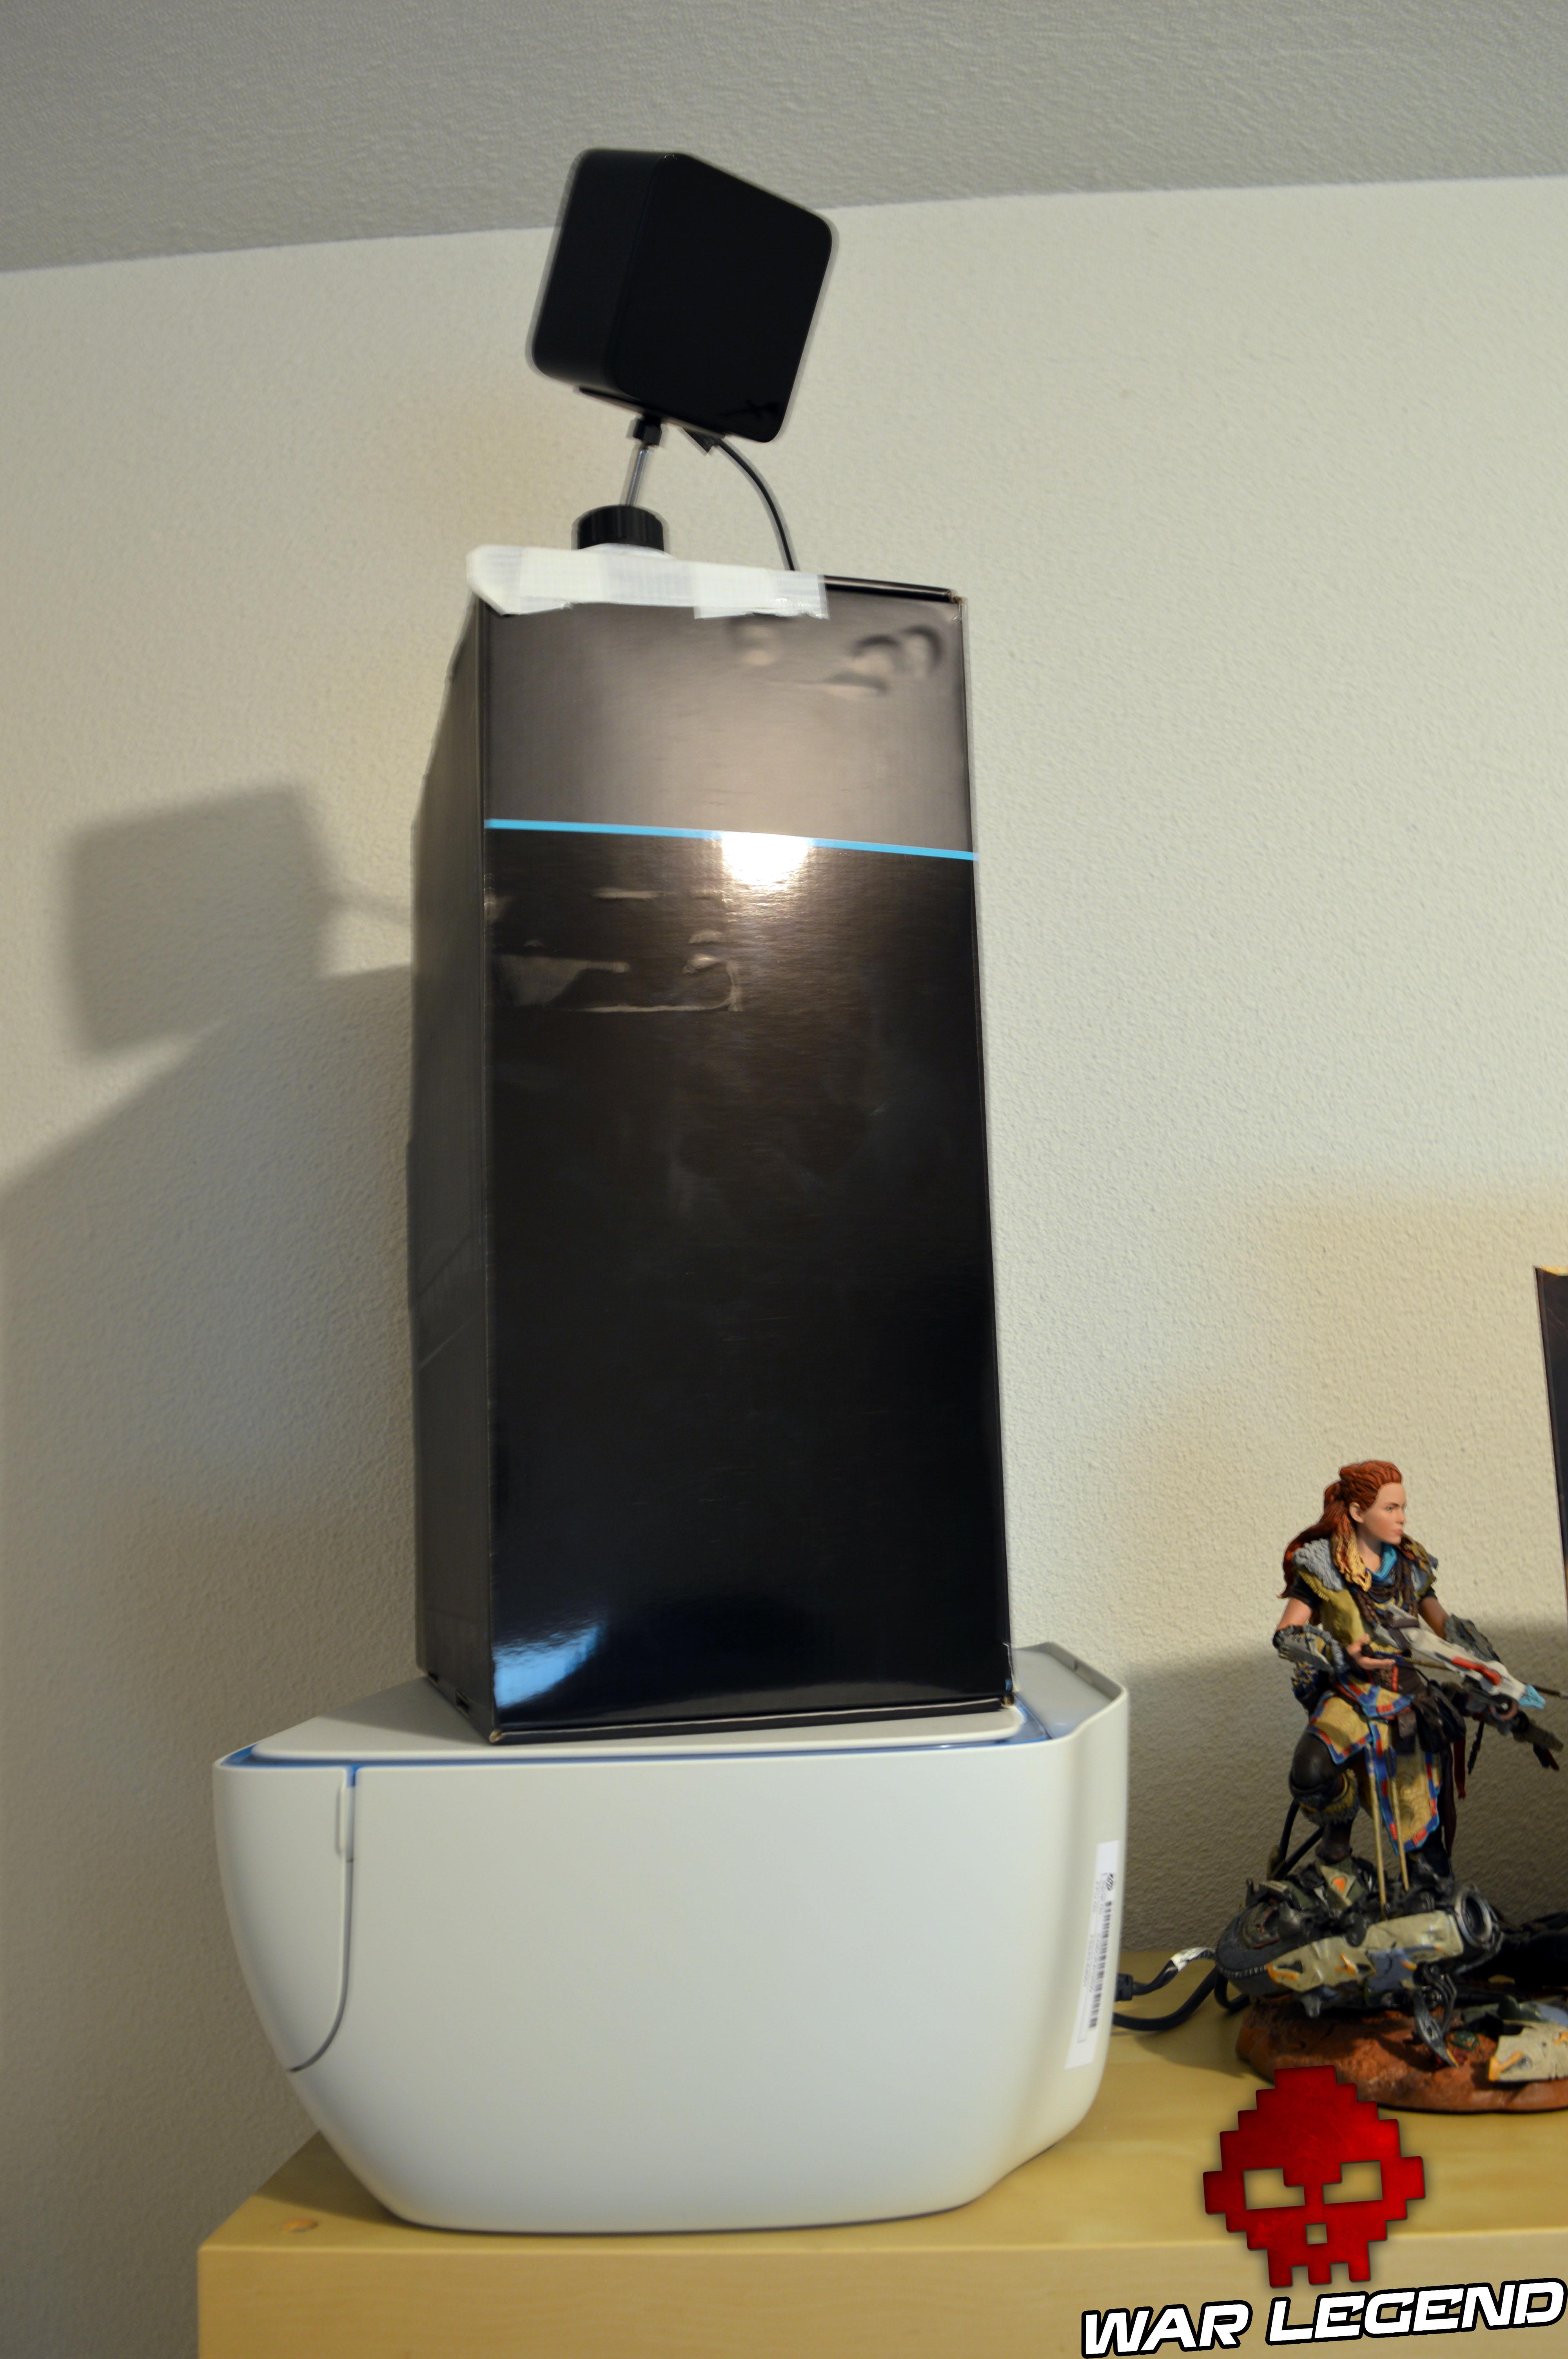 htc vive lighthouse montée sur la boîte du produit, sur une imprimante, figurine d'aloy à proximité